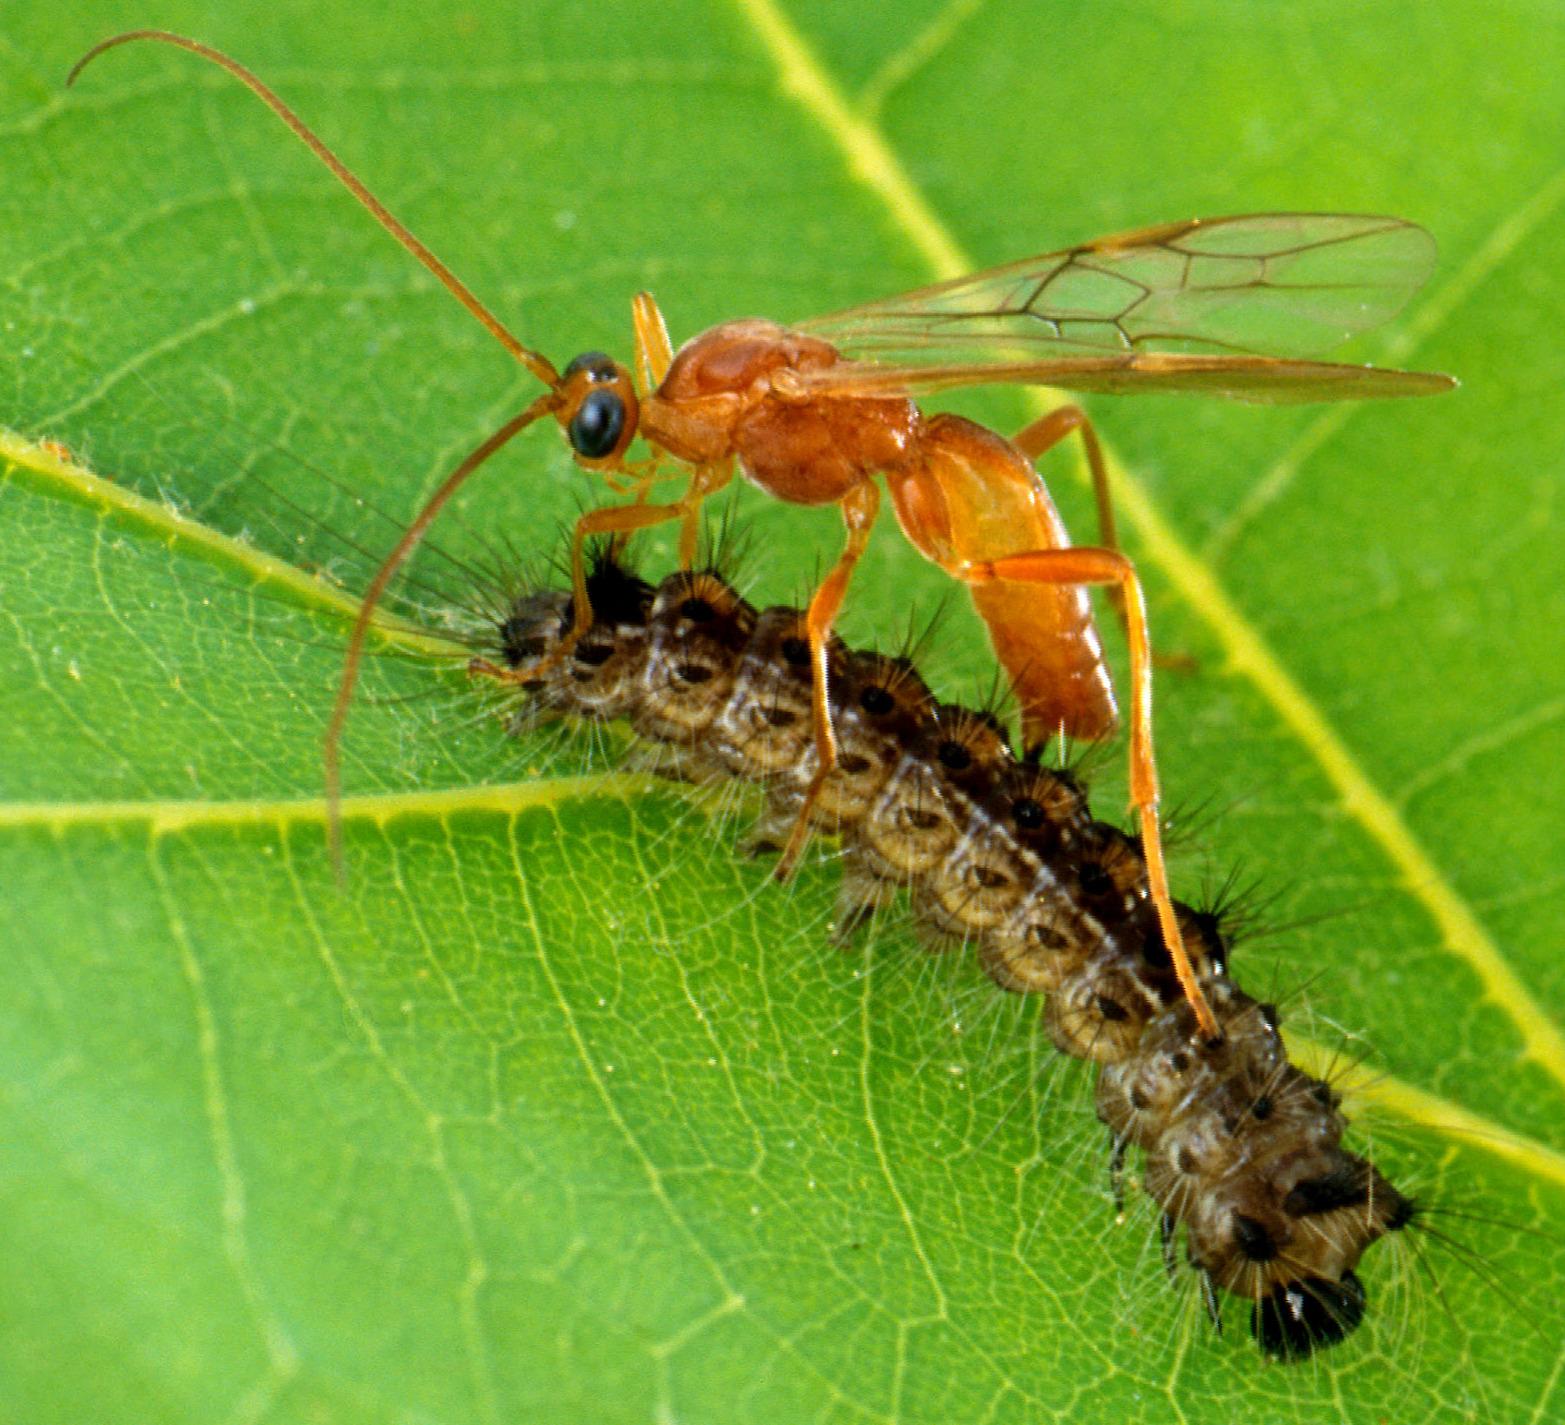 Index - Tudomány - Az élősködő darazsak szervezete rovarölő mérgeket tartalmaz